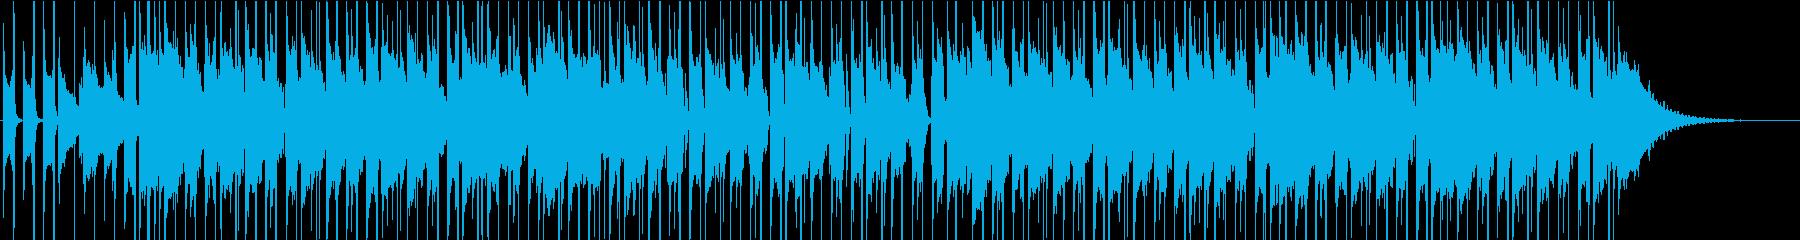 インスタ/夏/ギター/サーフミュージックの再生済みの波形